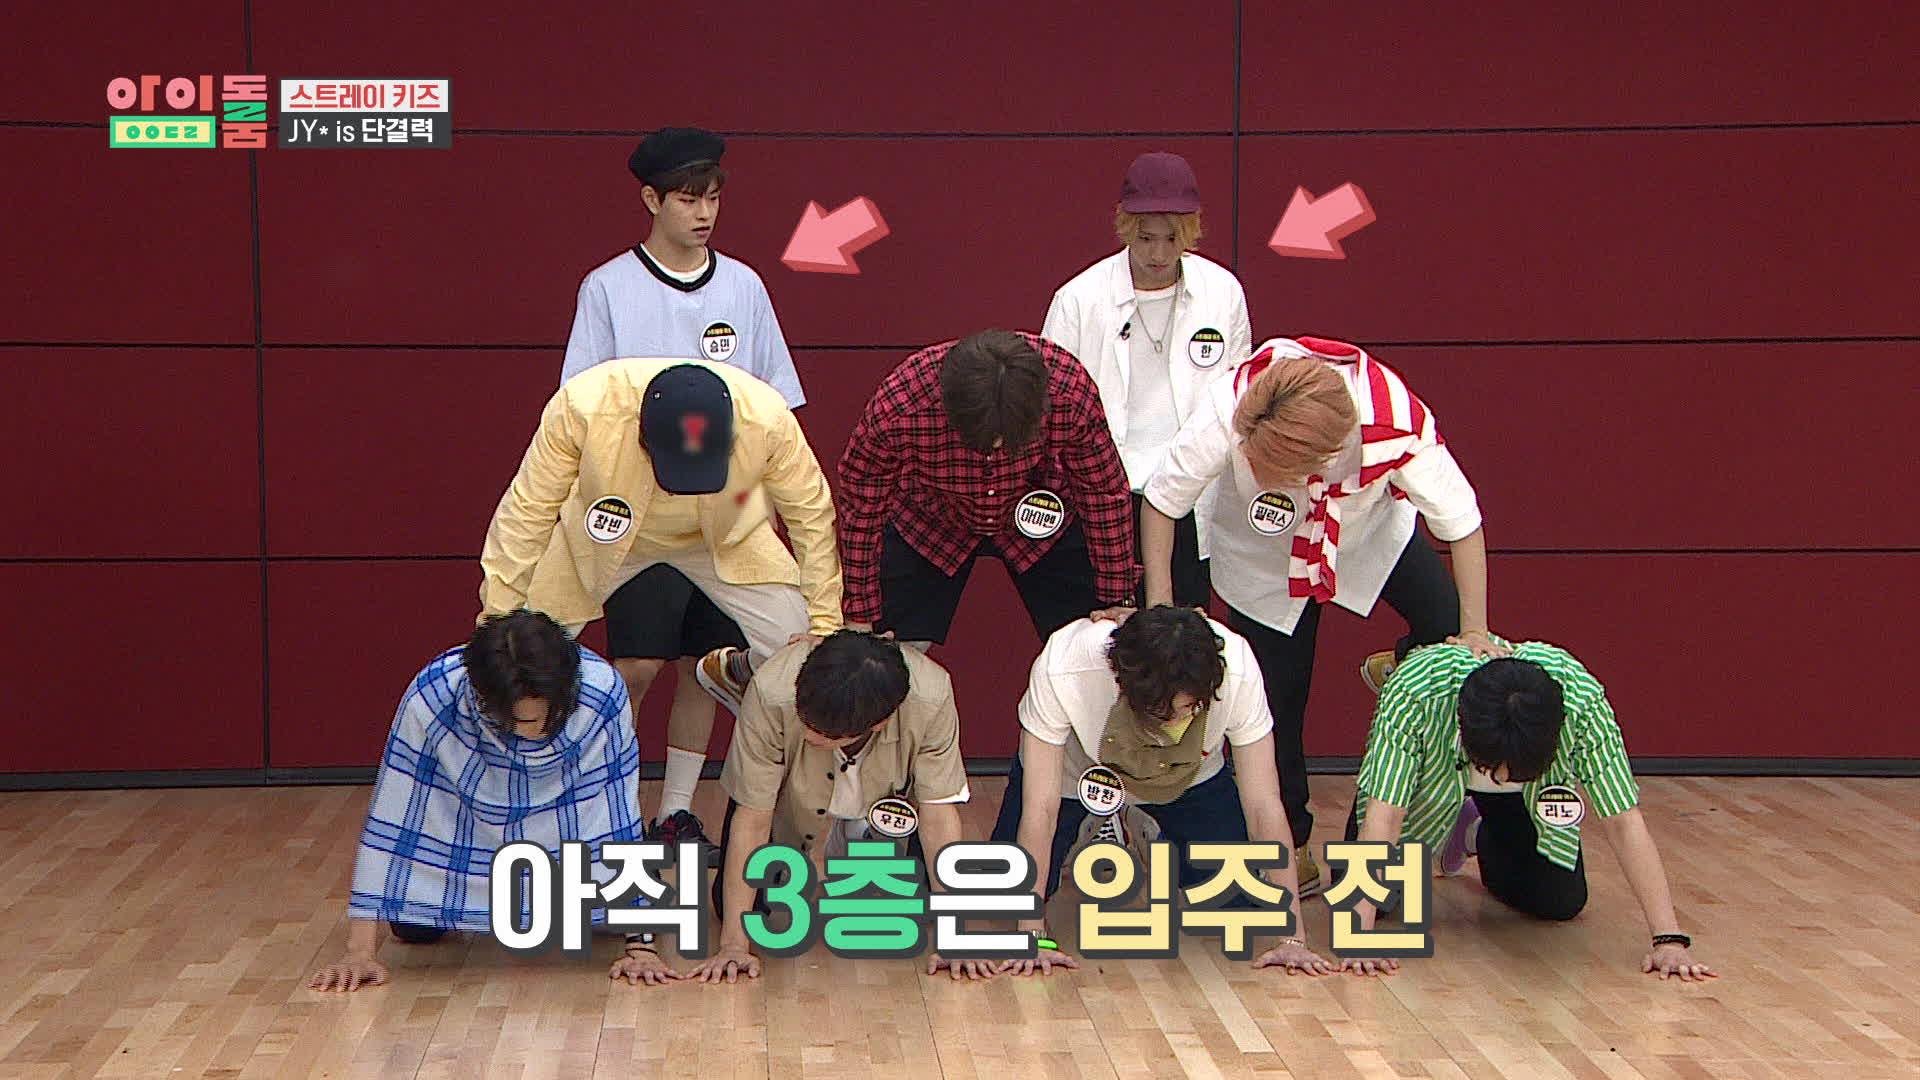 아이돌룸(IDOL ROOM) 16회 - 스트레이키즈, JYP 선배들의 단결력 포즈에 도전